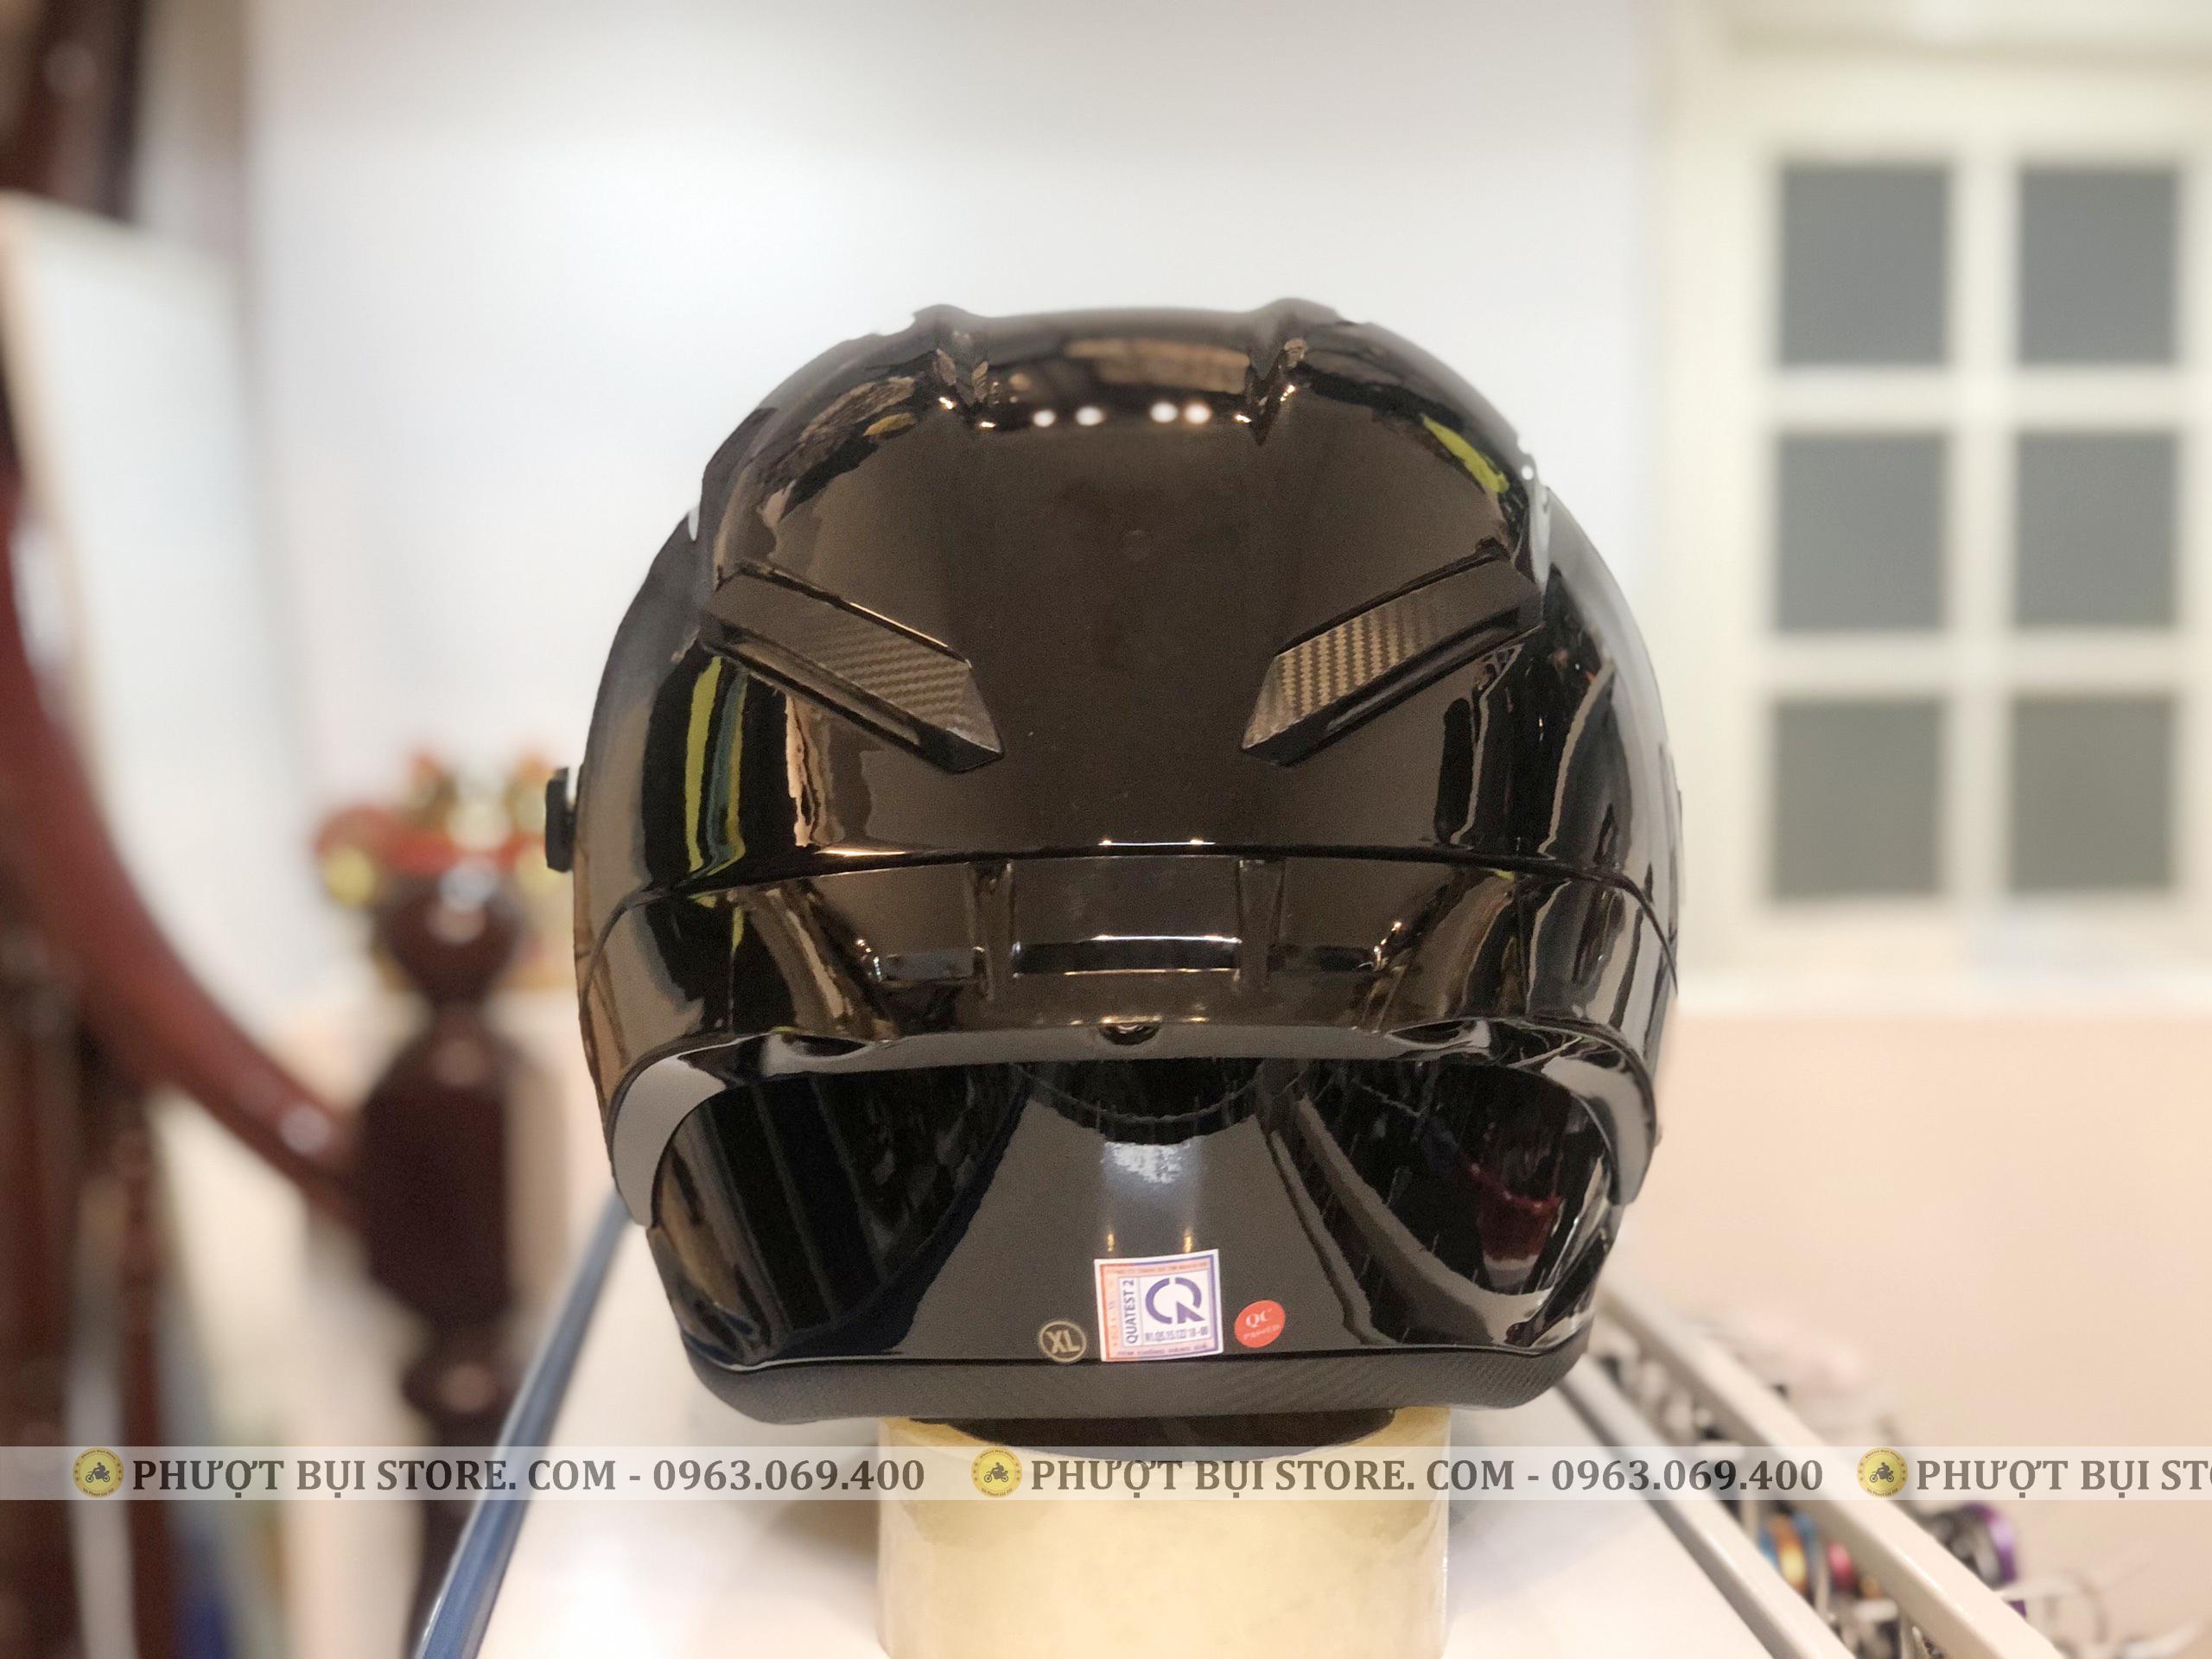 mũ bảo hiểm royal roc m137 đen bóng (7)